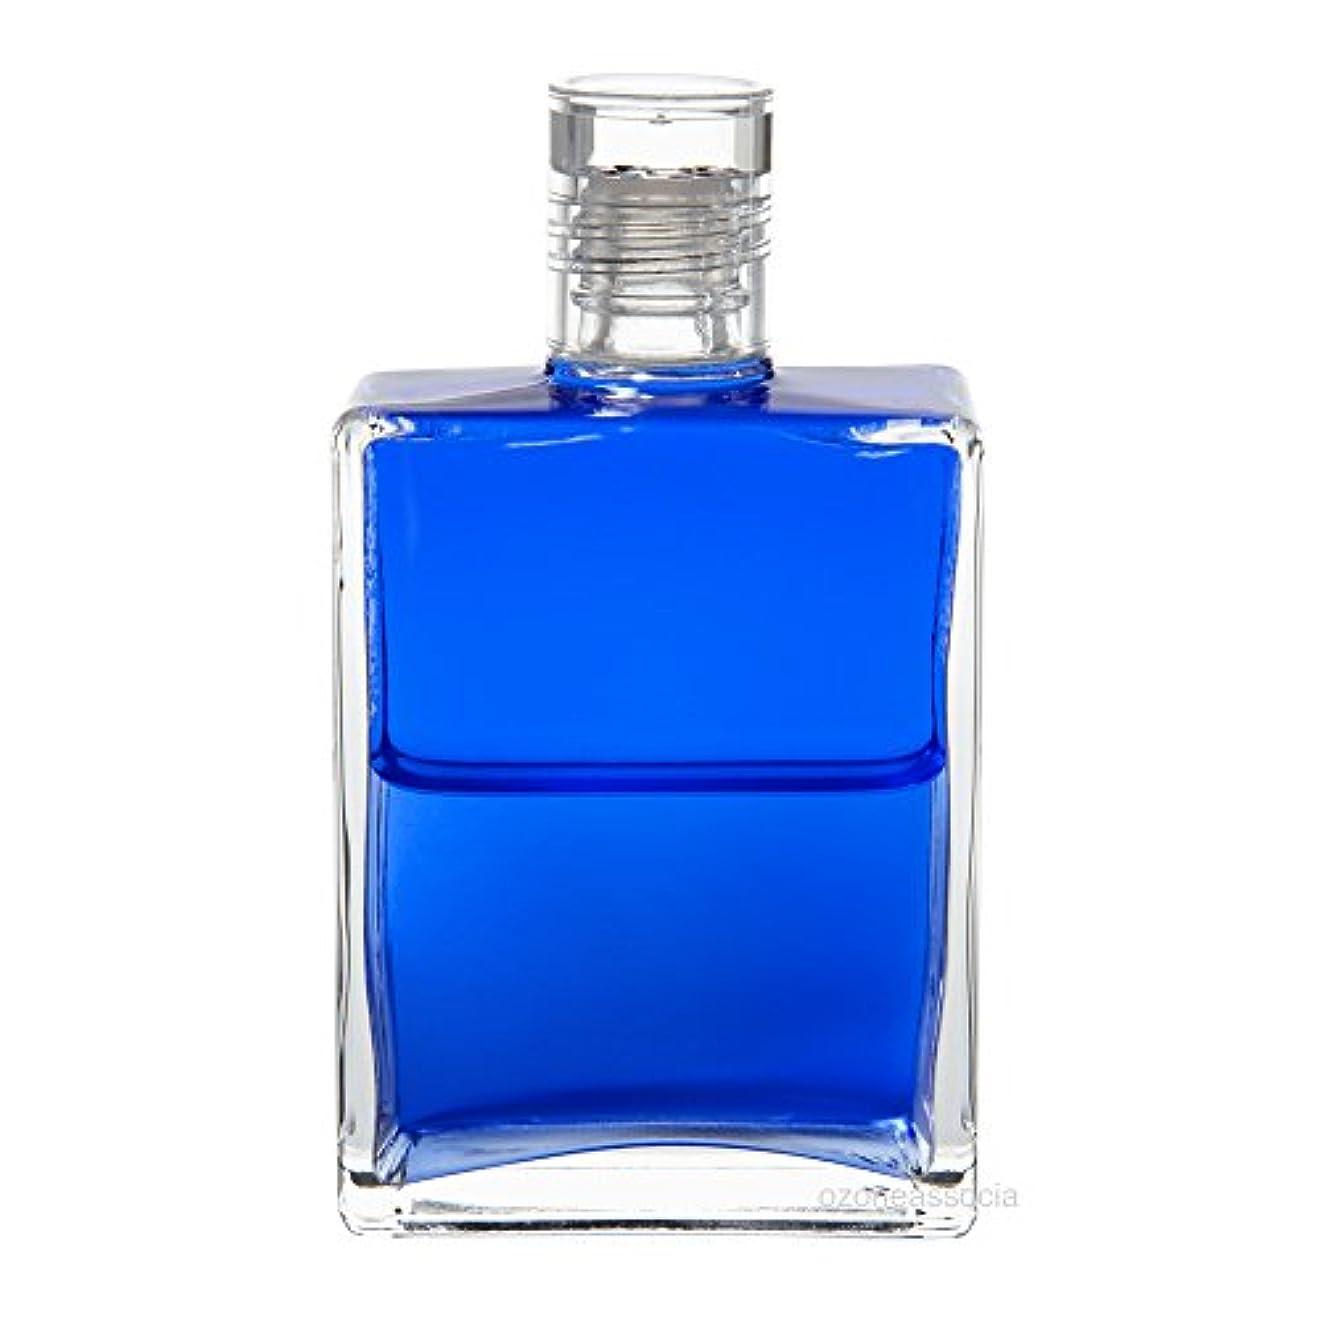 何誠意冷えるオーラソーマ ボトル 2番 ピースイクイリブリアムボトル (ブルー/ブルー) イクイリブリアムボトル50ml